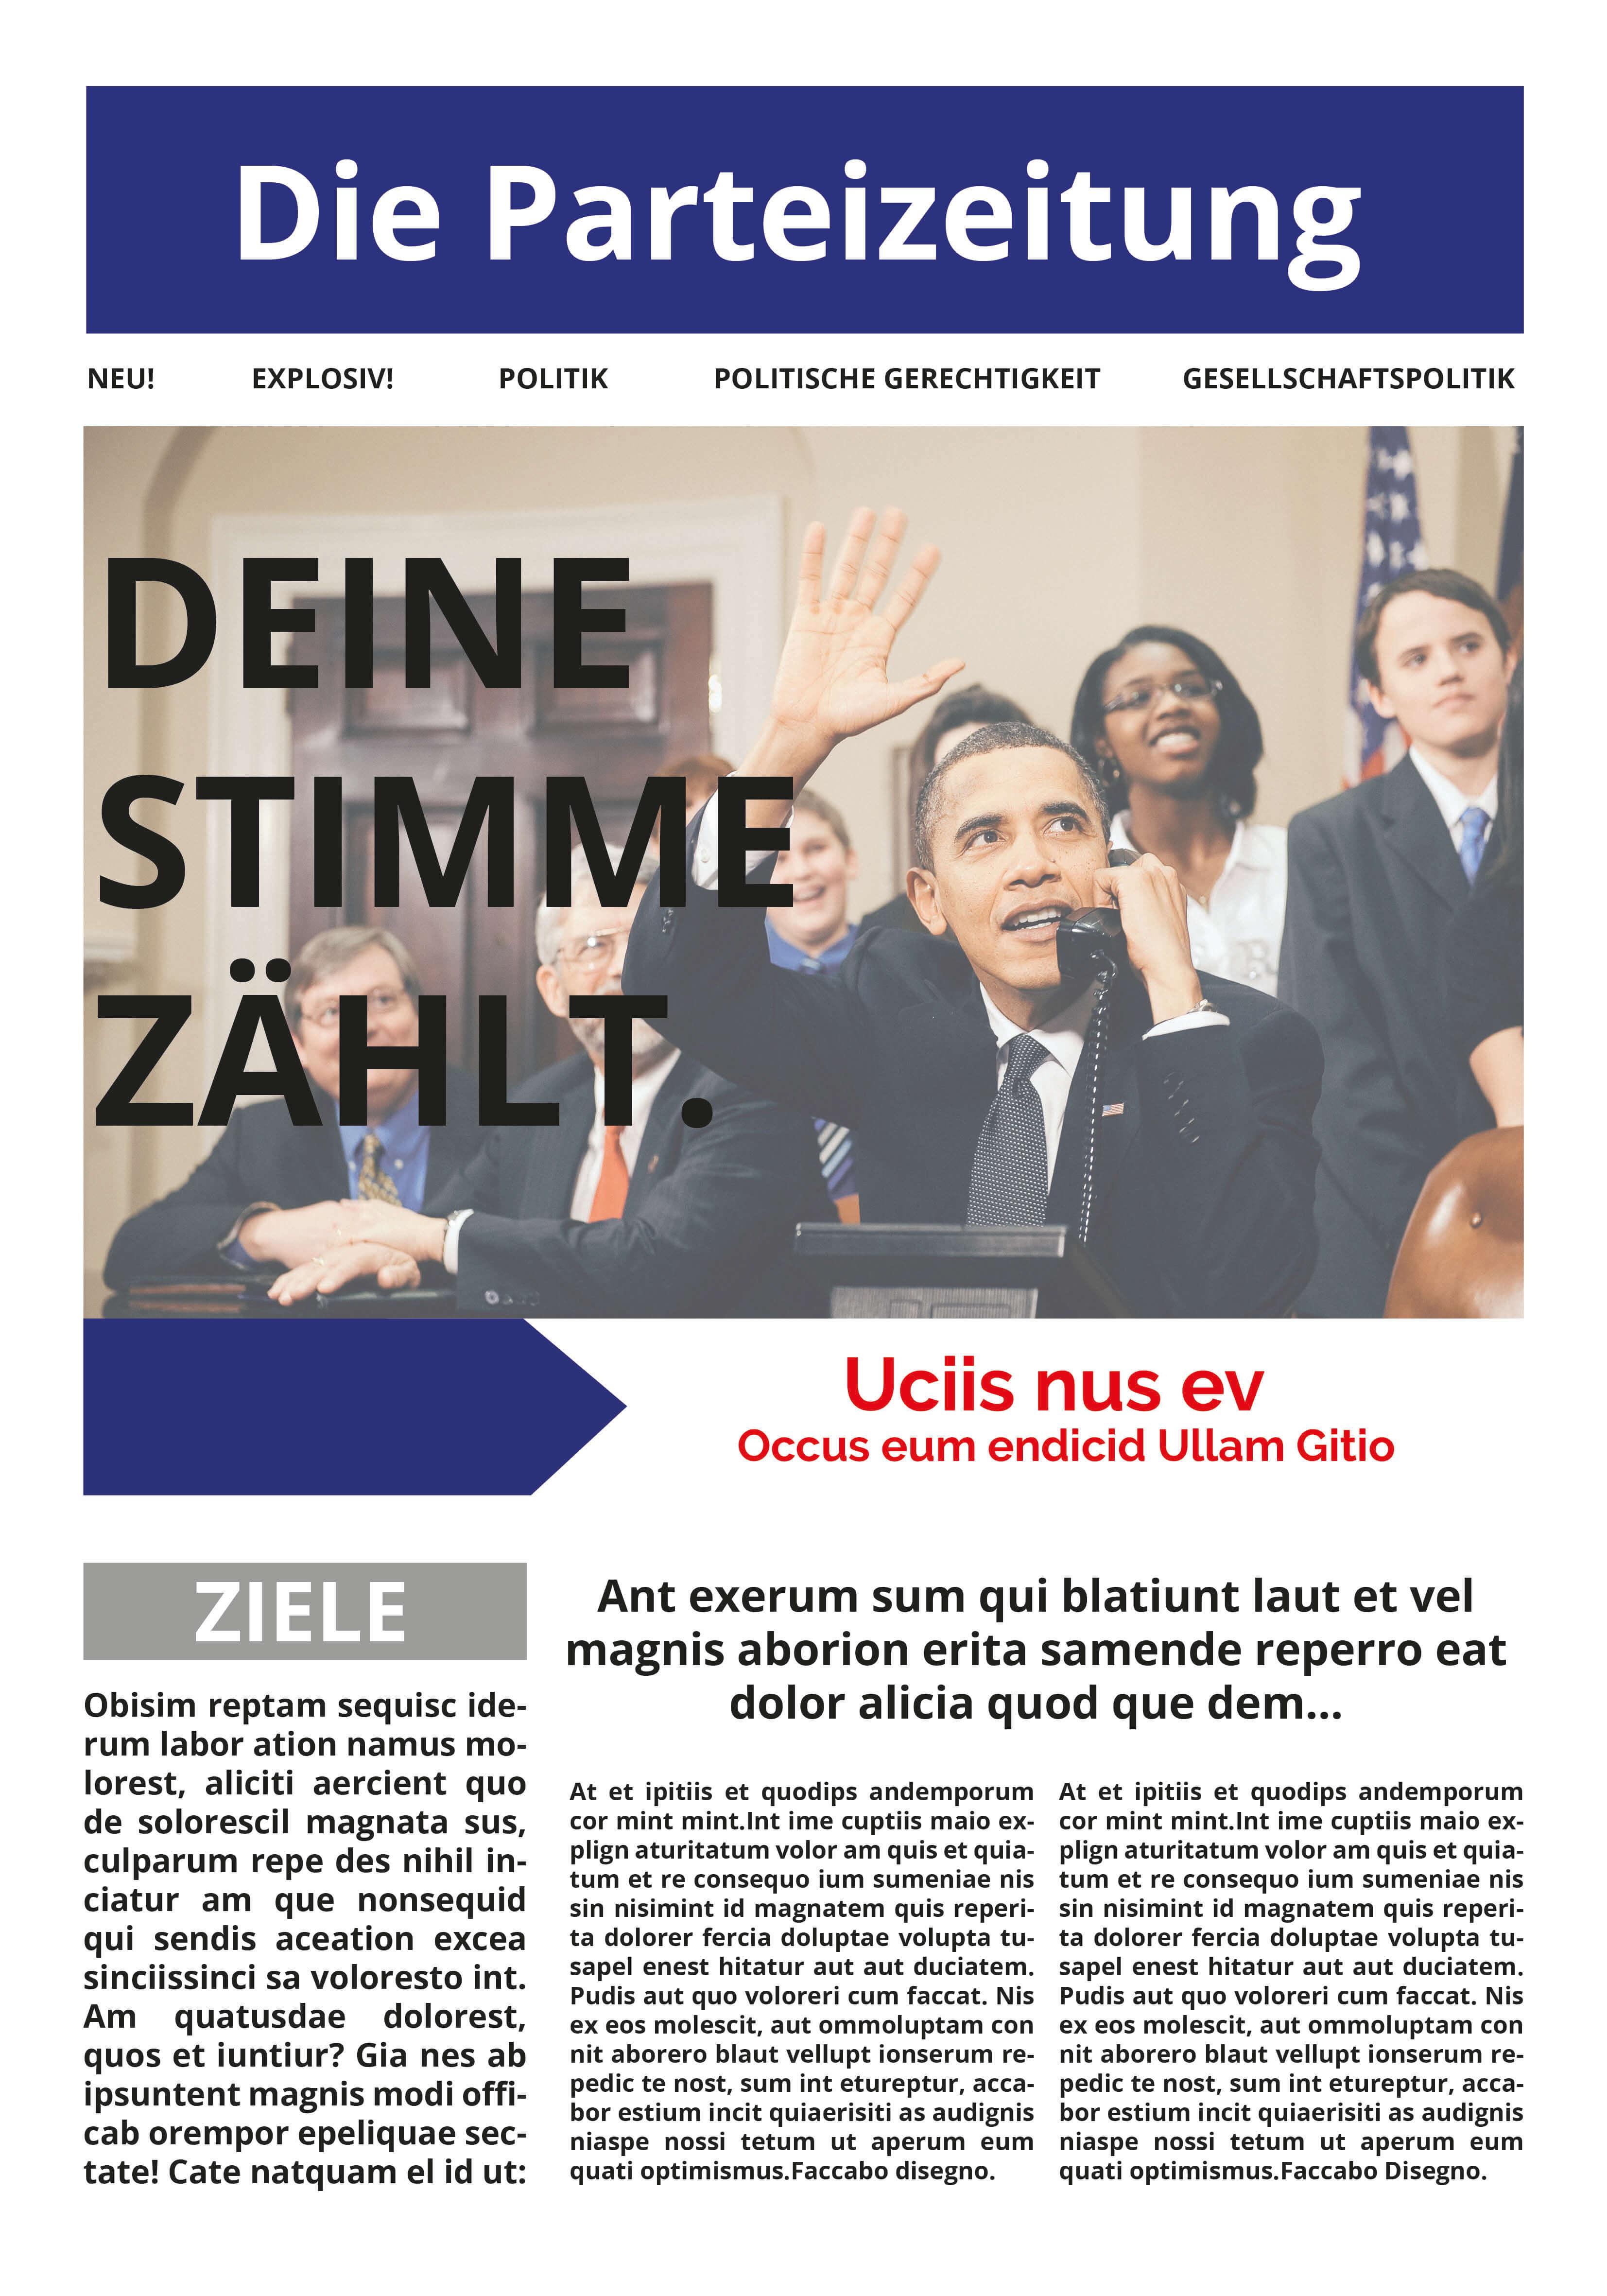 Klassische Parteizeitung als Wahlwerbung gestalten